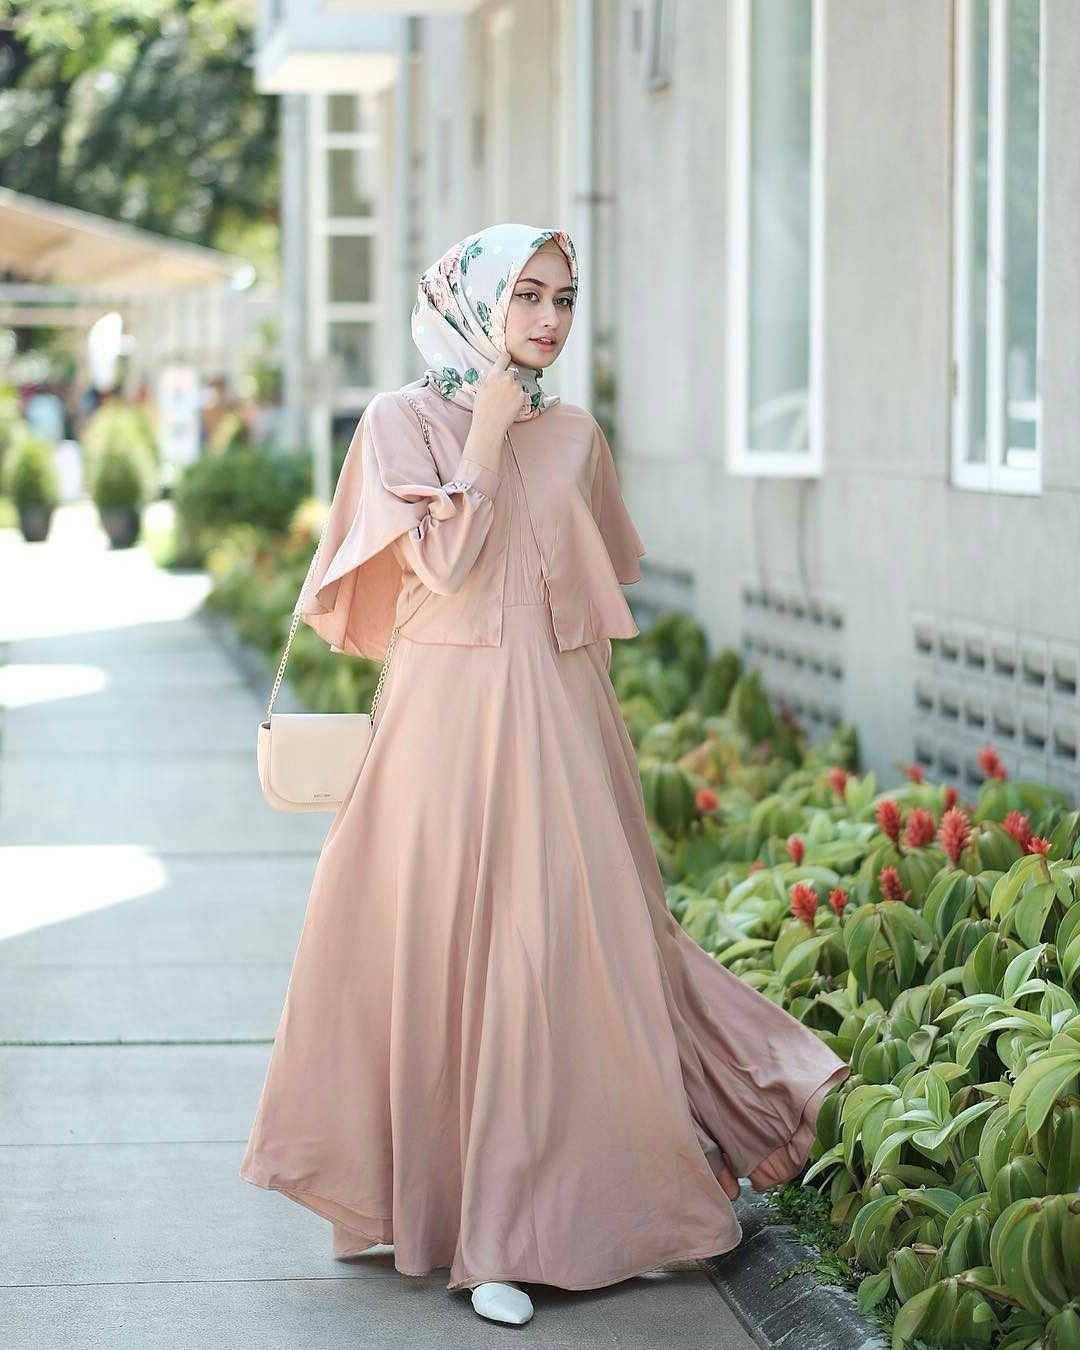 Inspirasi Model Baju Lebaran 2018 Pria Budm 21 Model Gamis Lebaran 2018 Desain Elegan Casual Dan Modern